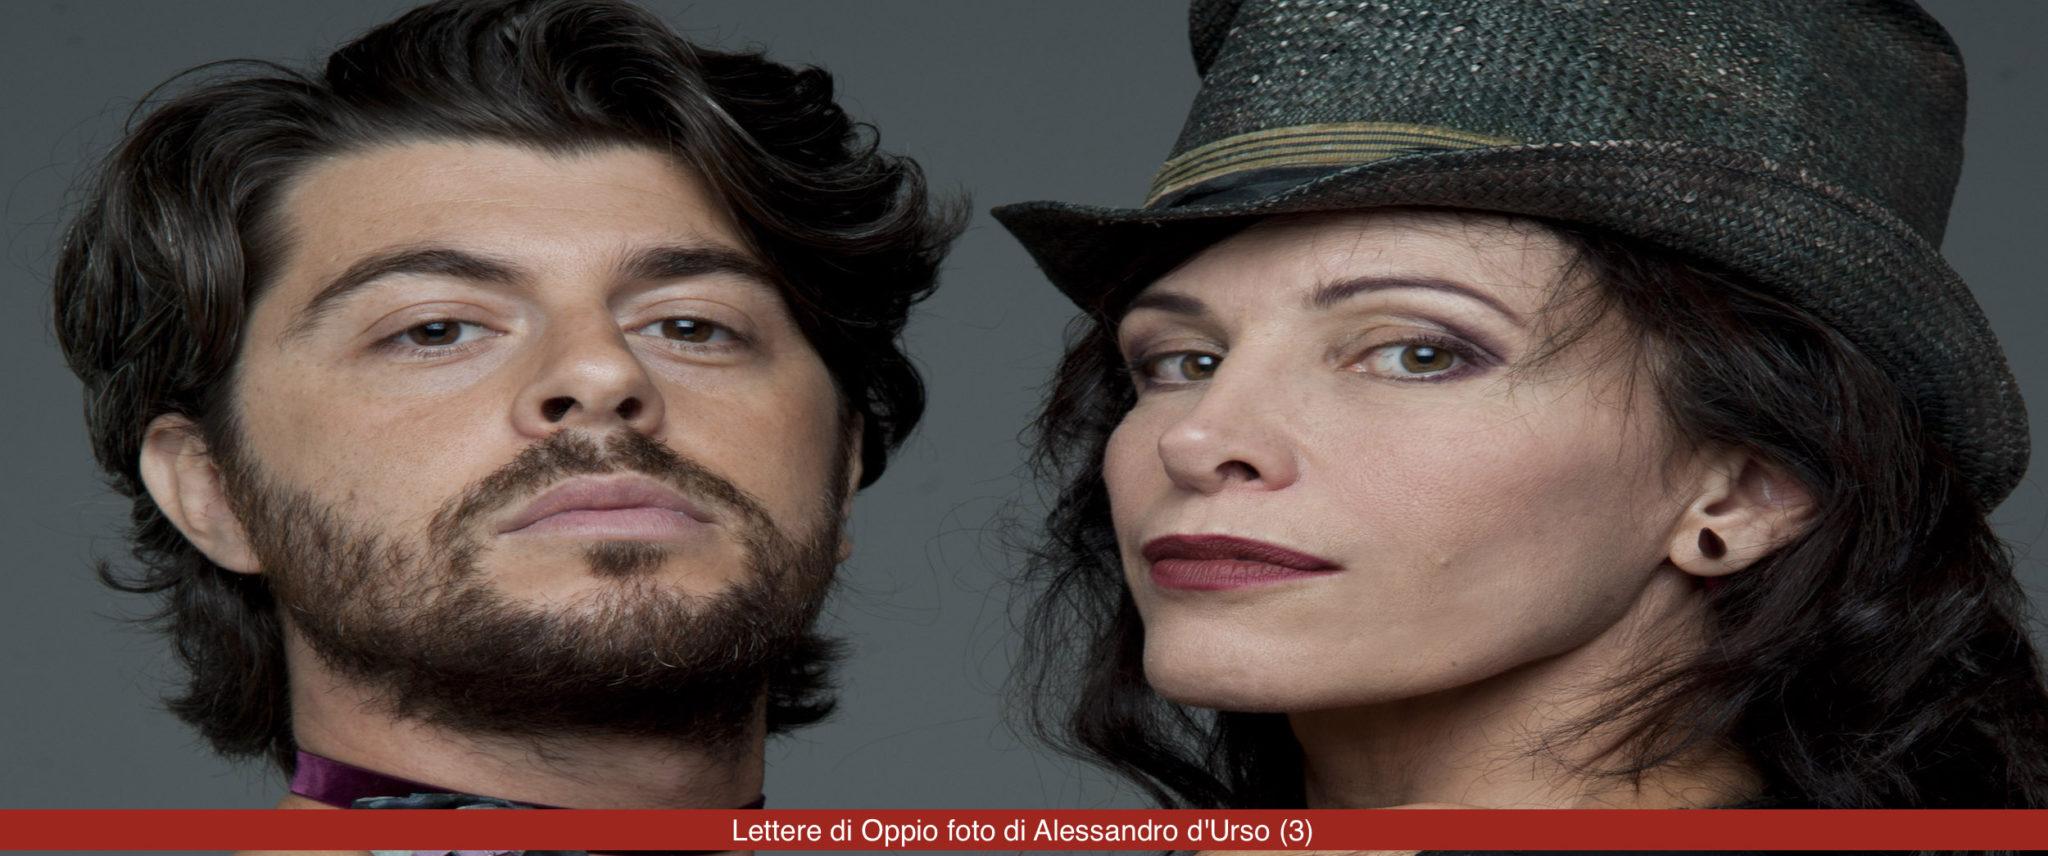 LETTERE DI OPPIO di Antonio Pisu e con Tiziana Foschi, per la regia di Federico Tolardo